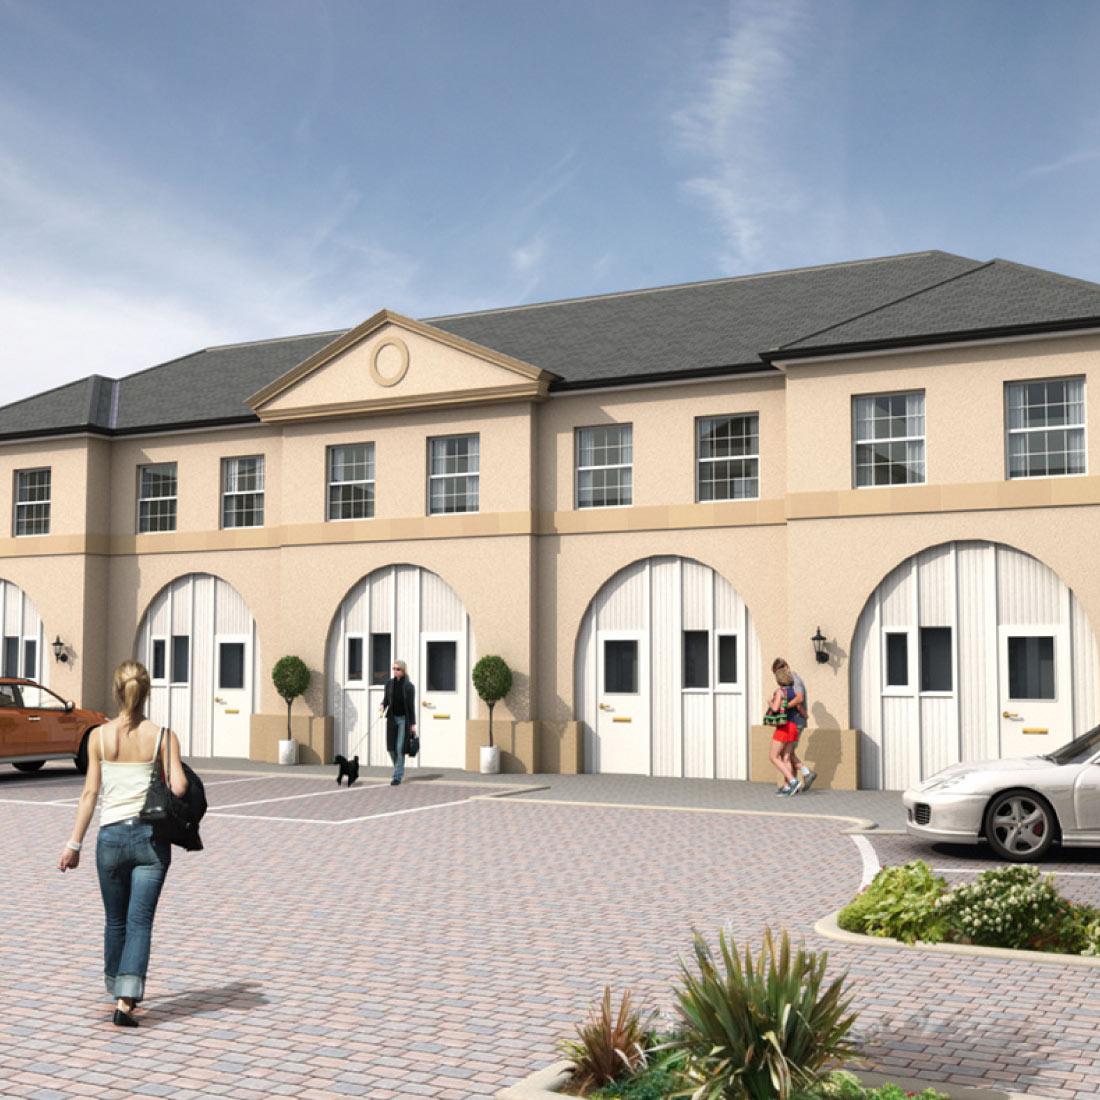 The Courtyard, Axwell Park, Blaydon-on-Tyne